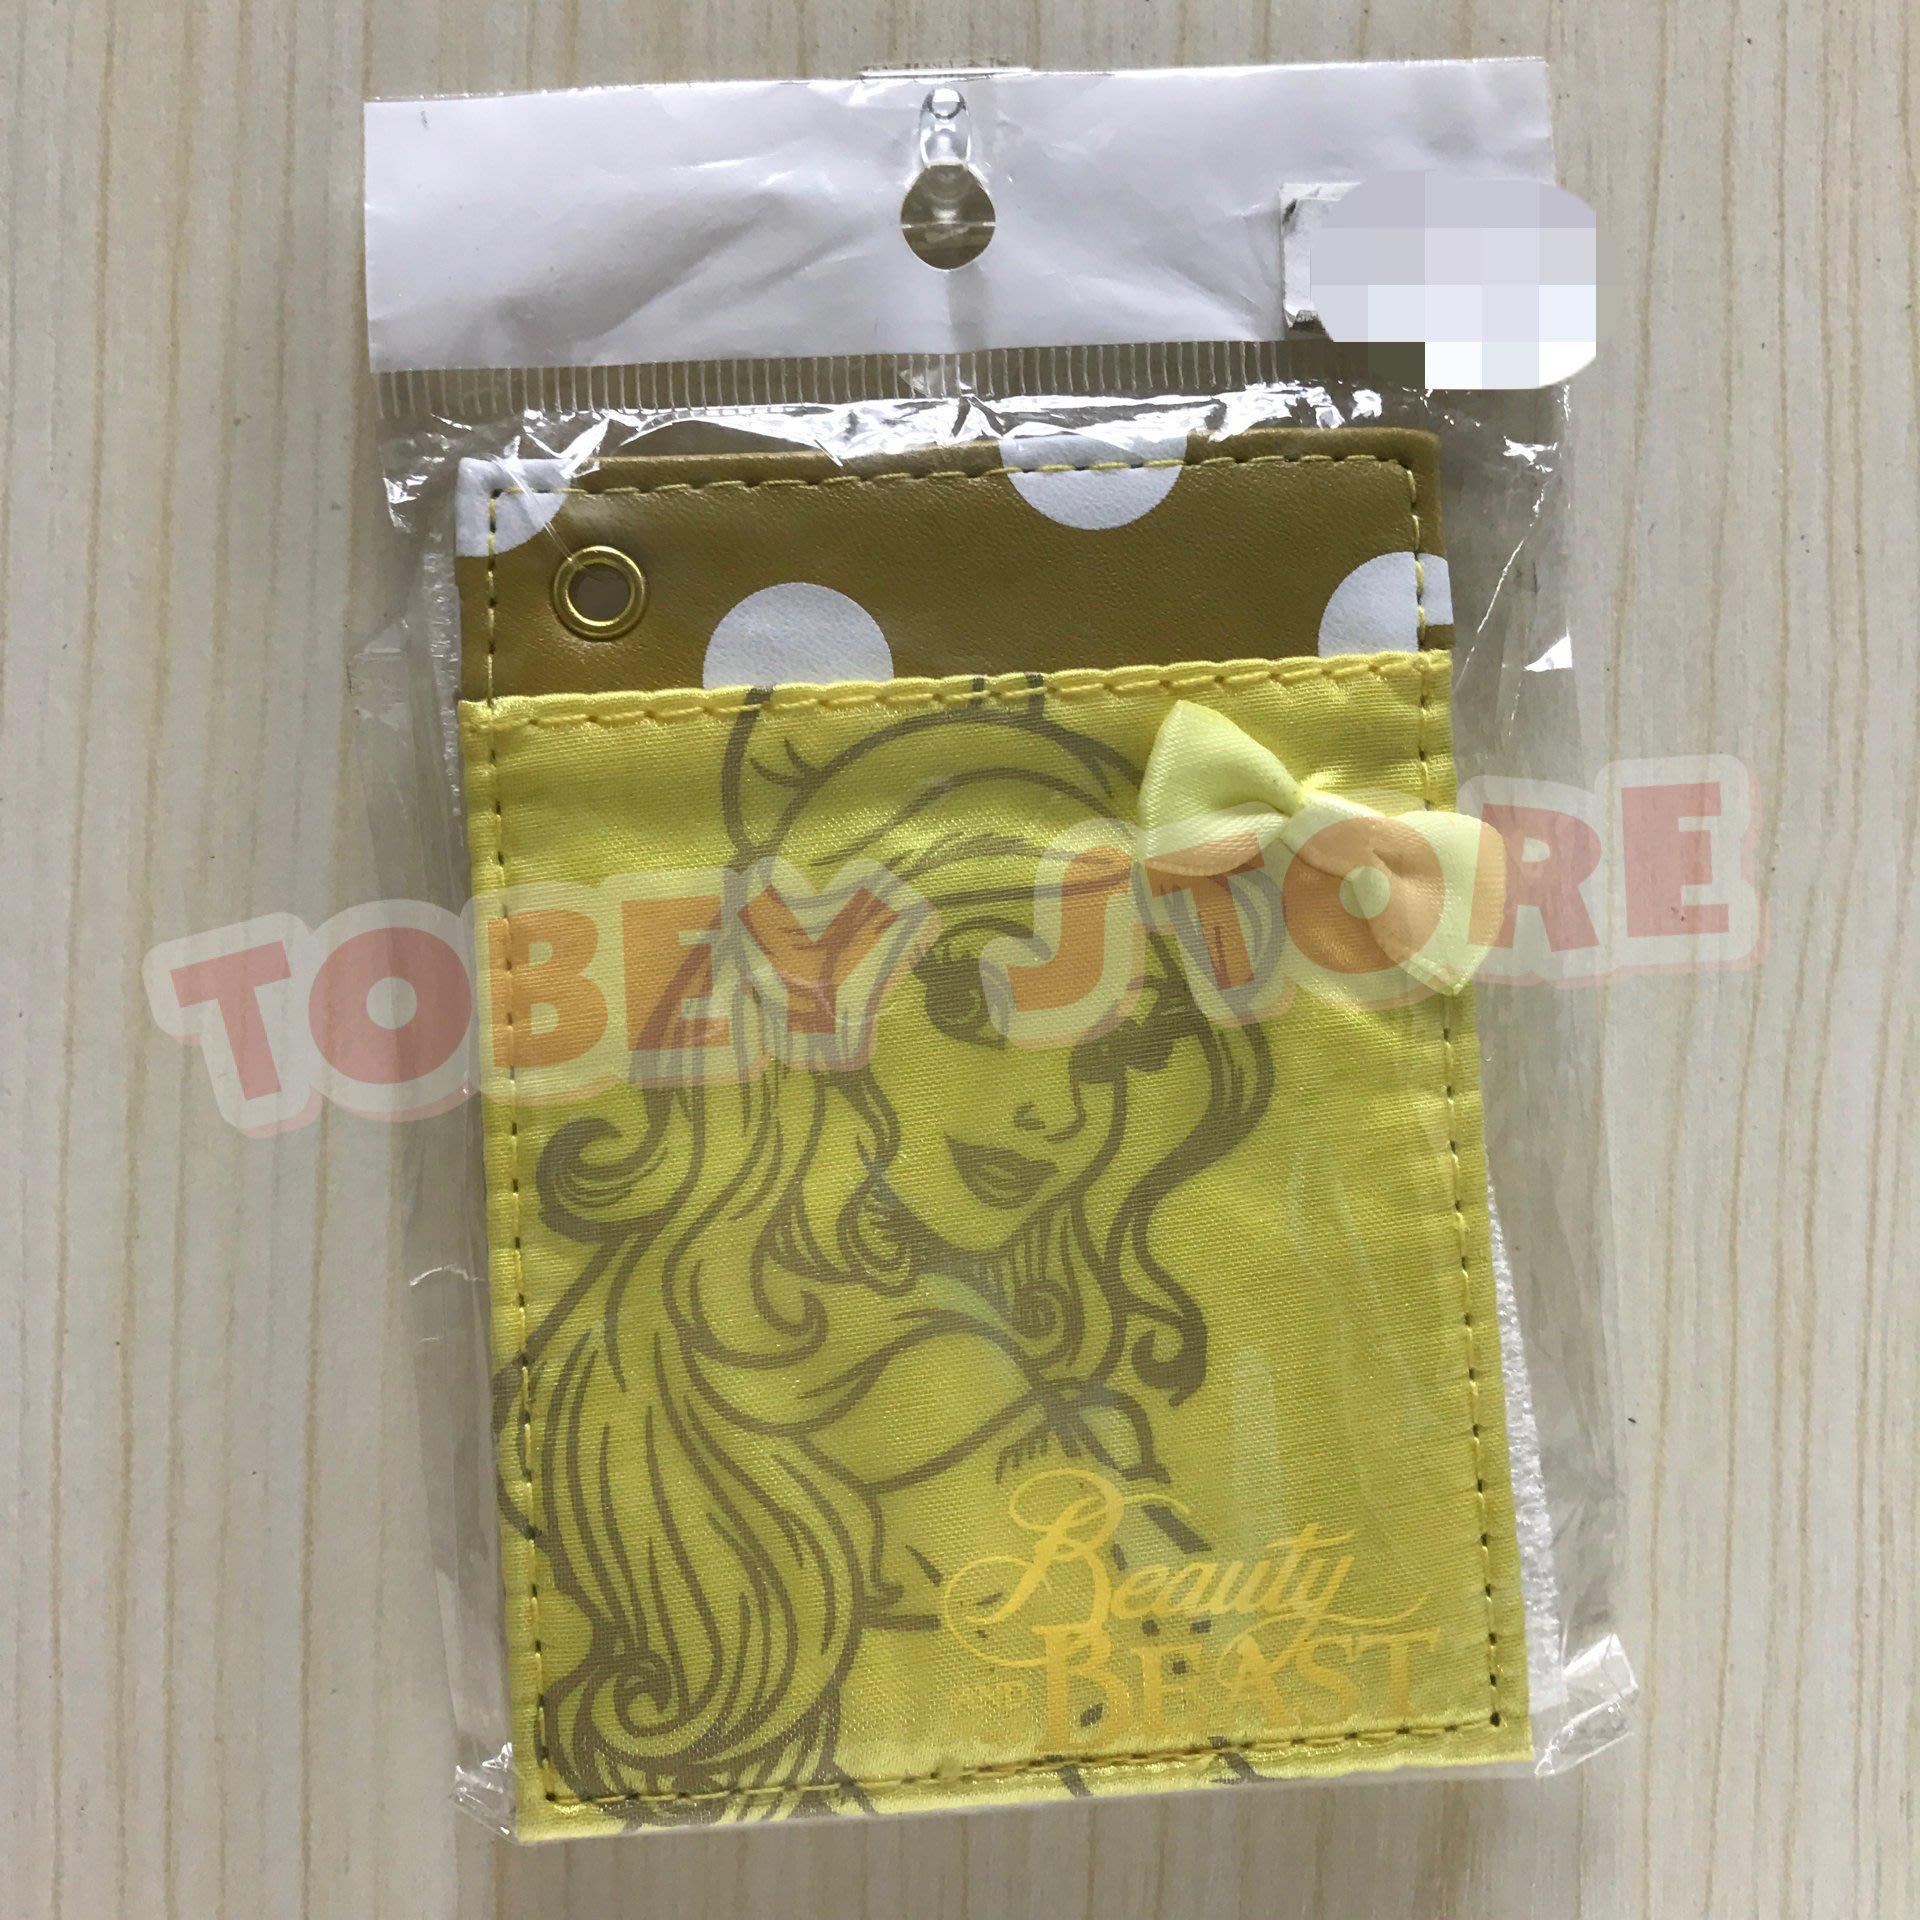 迪士尼 美女與野獸 貝兒 悠遊卡票夾/證件夾